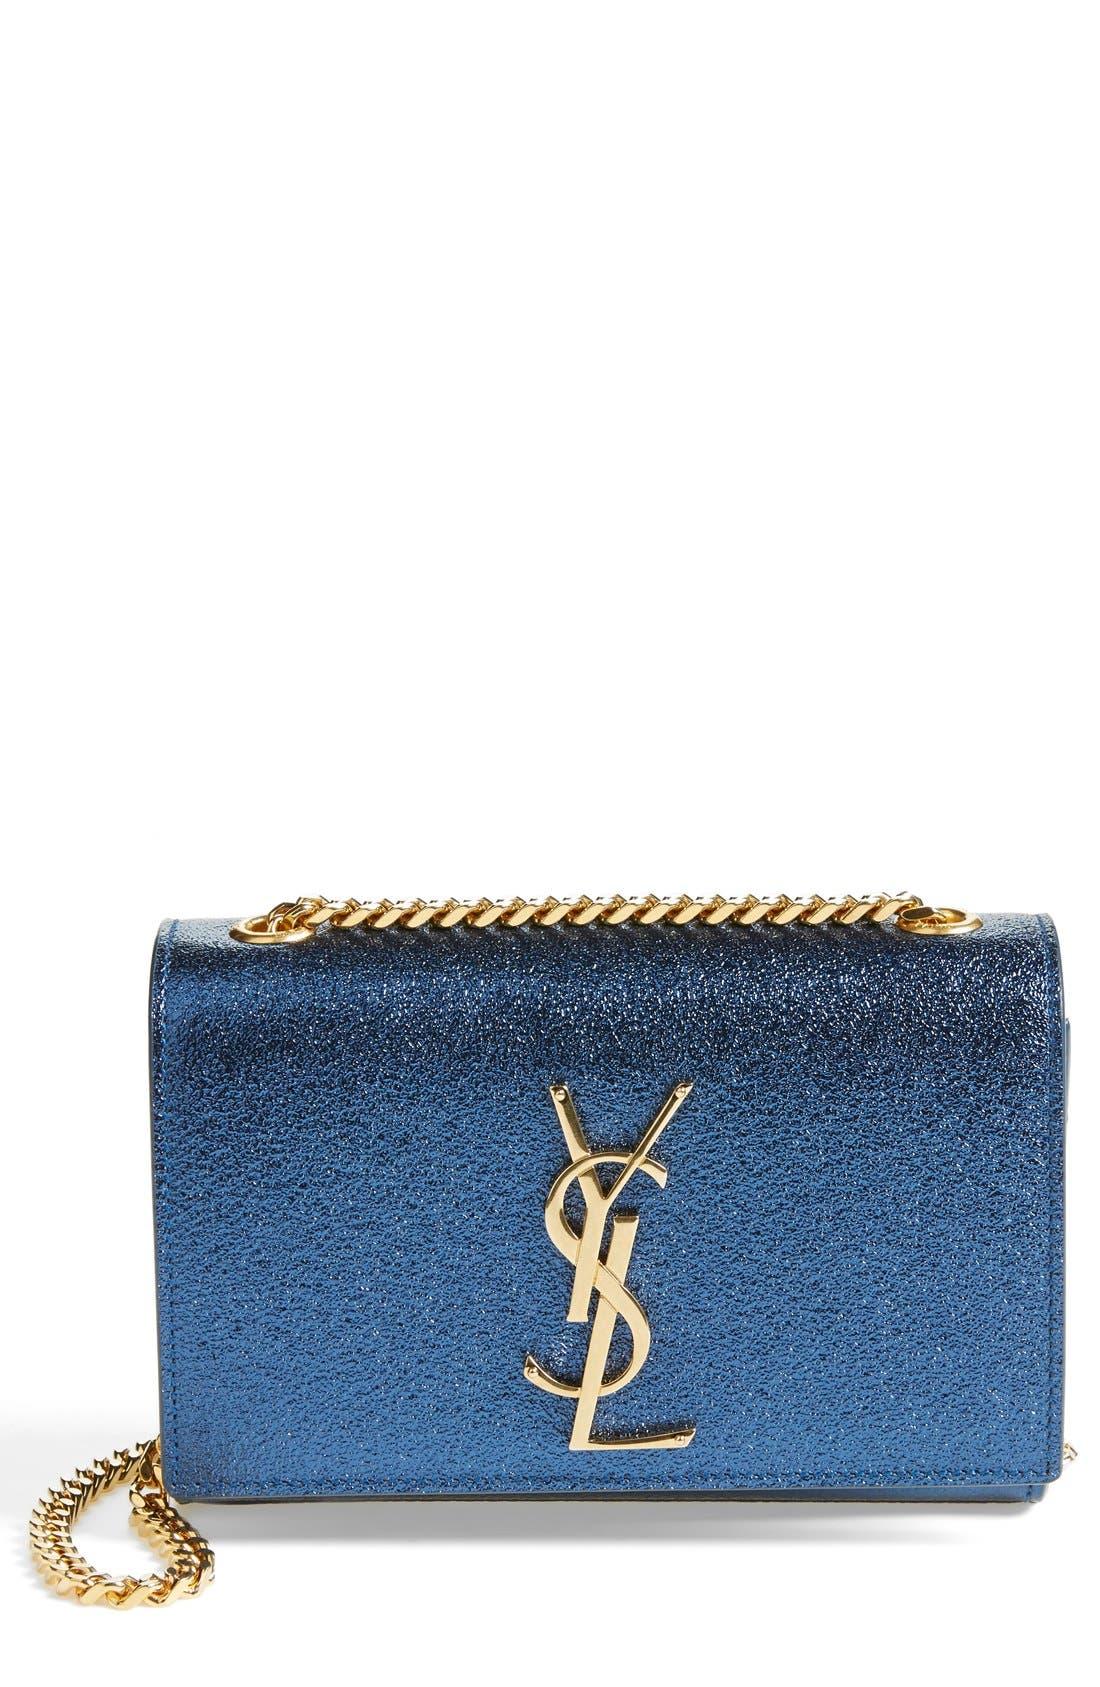 'Small Monogram' Crossbody Bag,                         Main,                         color,